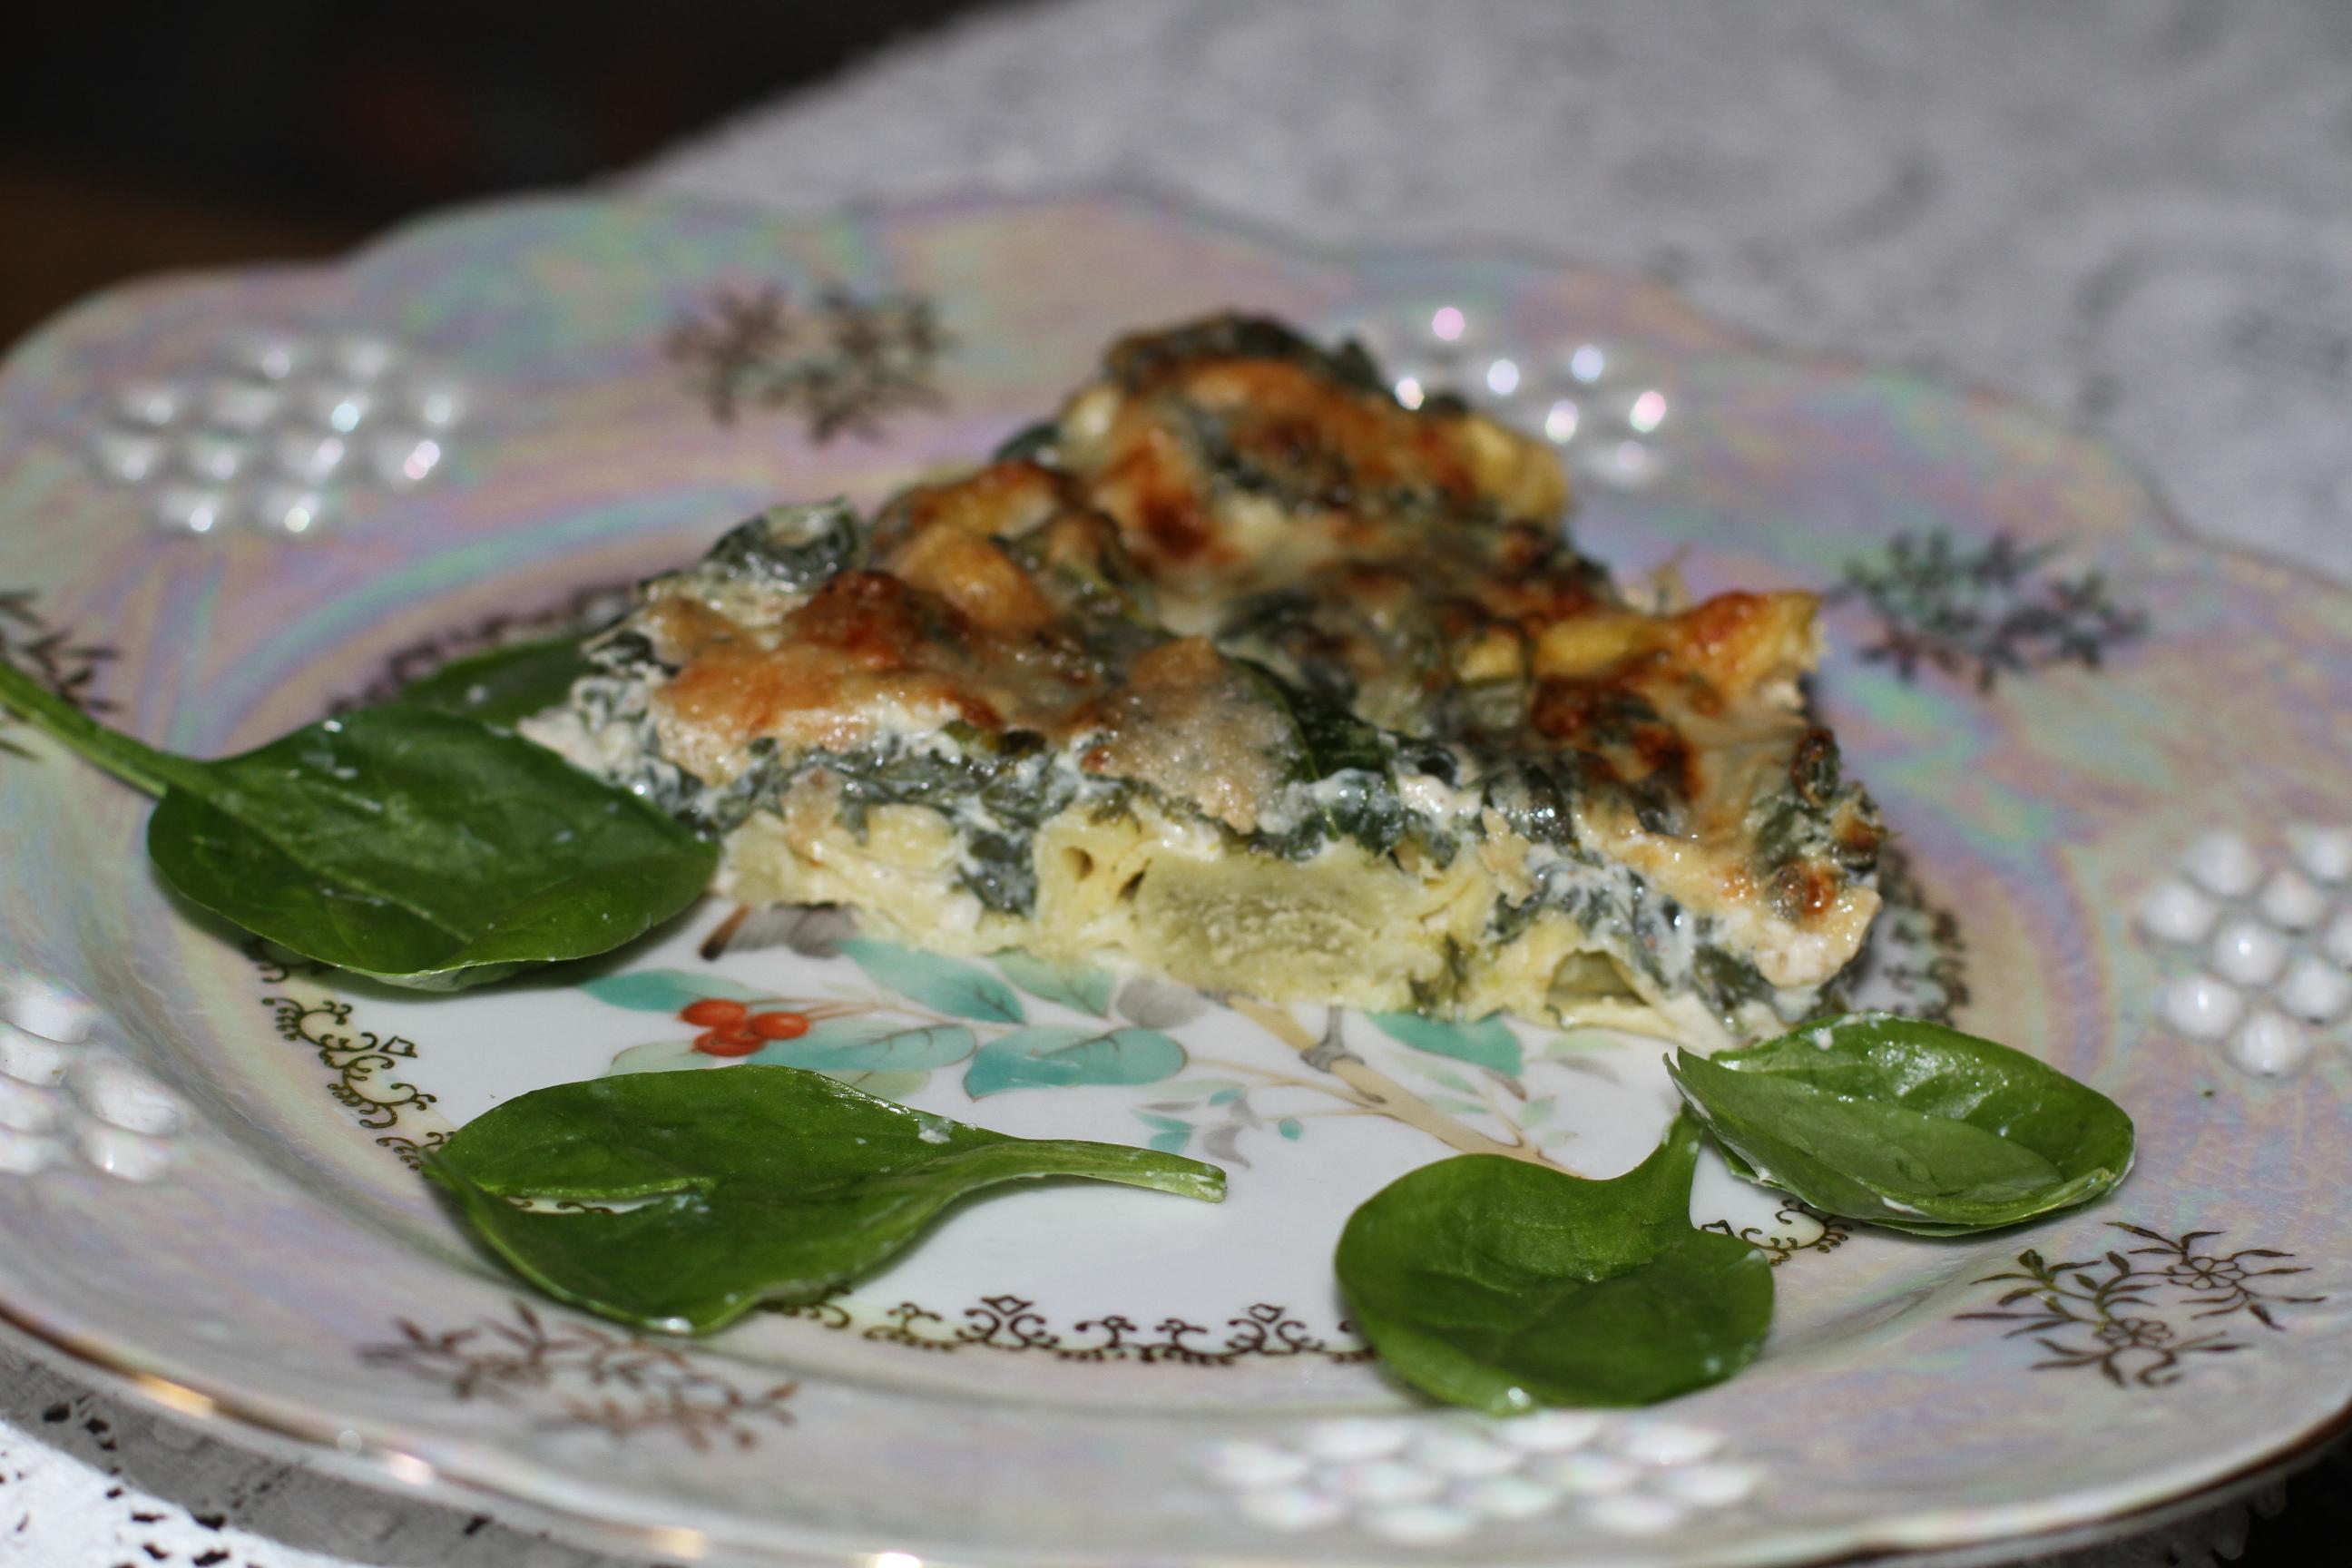 tortellini szybki pomysł na zapiekankę